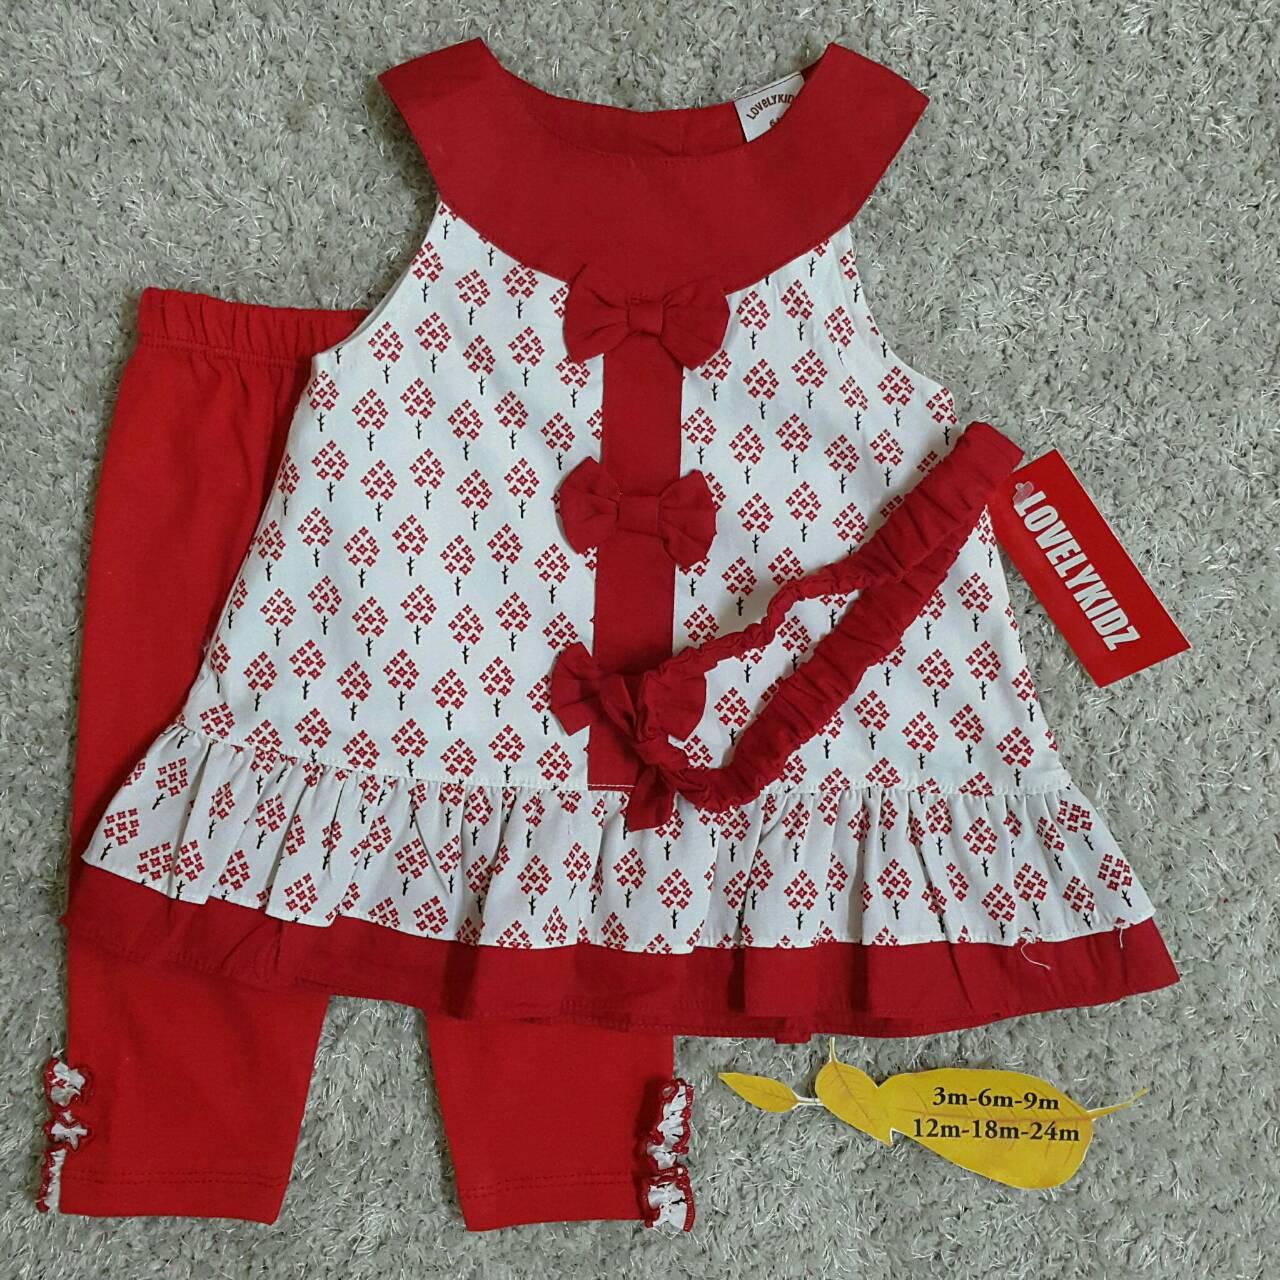 เสื้อผ้าเด็ก (พร้อมส่ง!!) 27/09/60-17